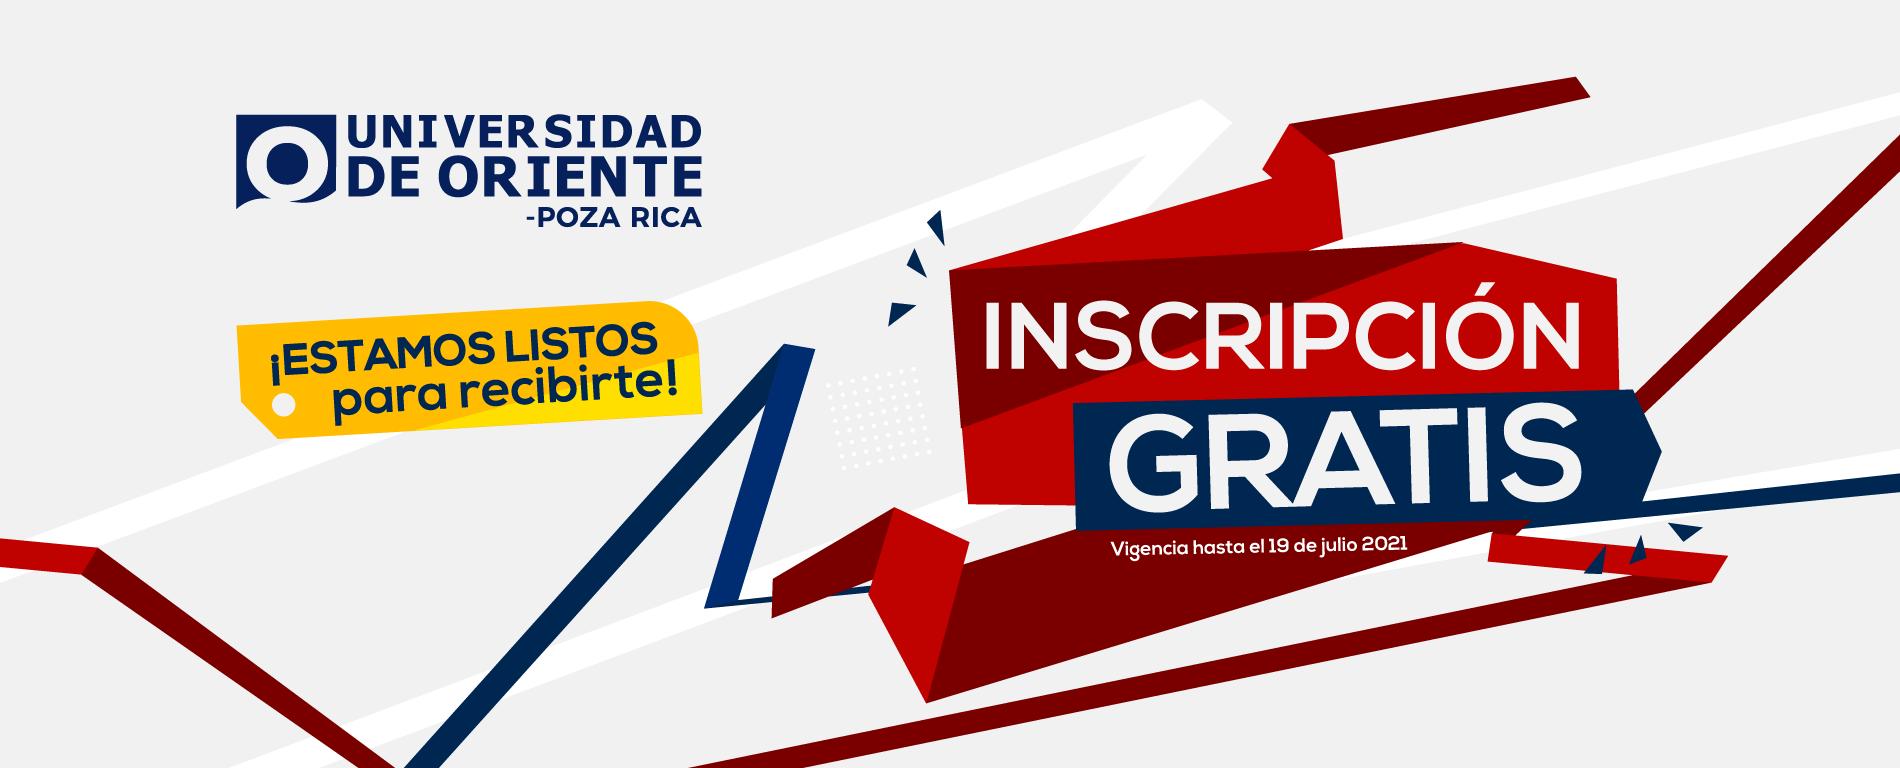 Inscripcion Gratis